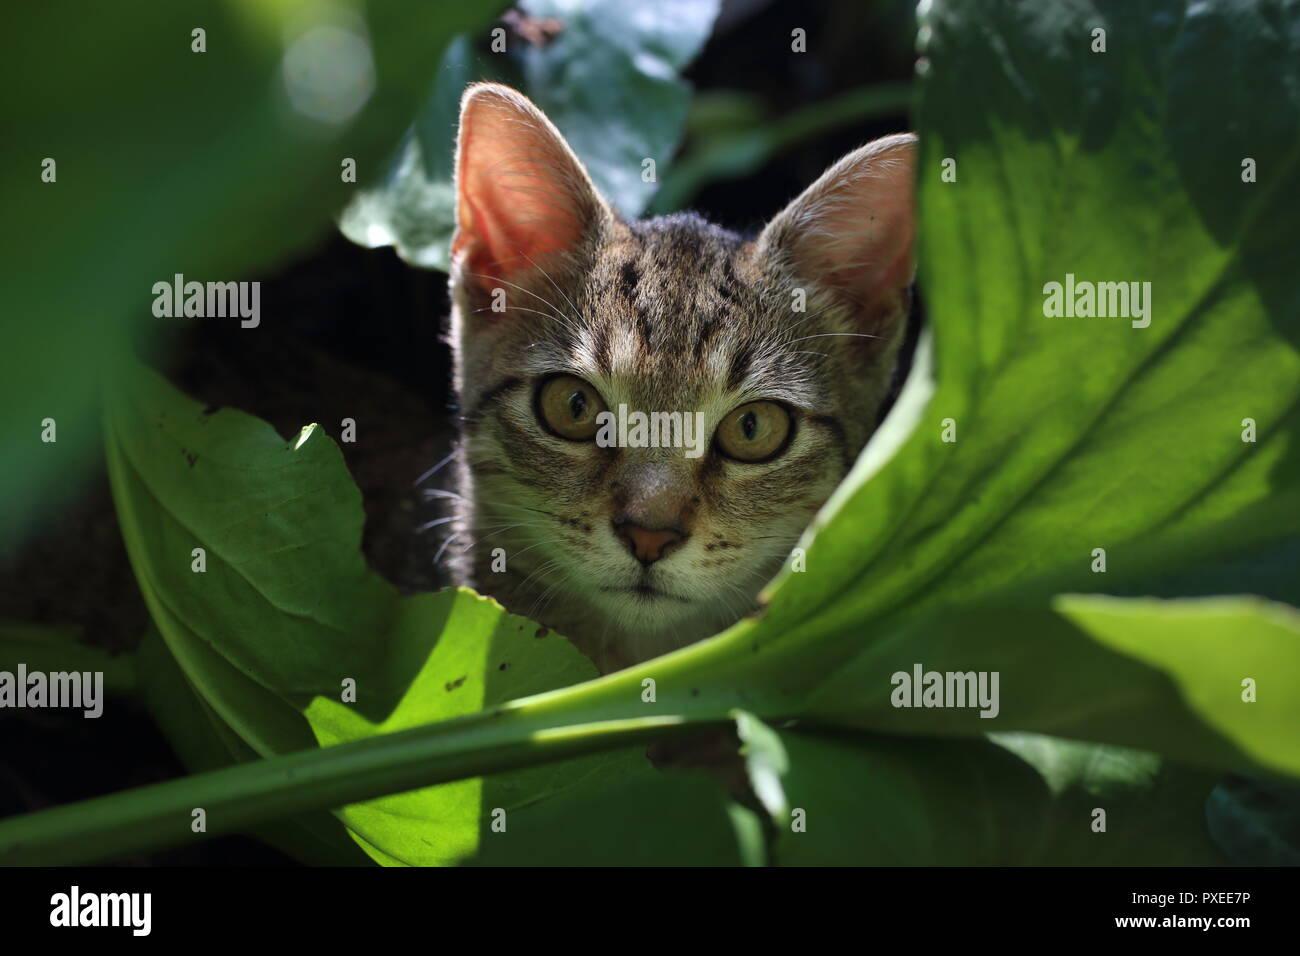 Lindo gato jugando a rayas en las hojas en el jardín Foto de stock